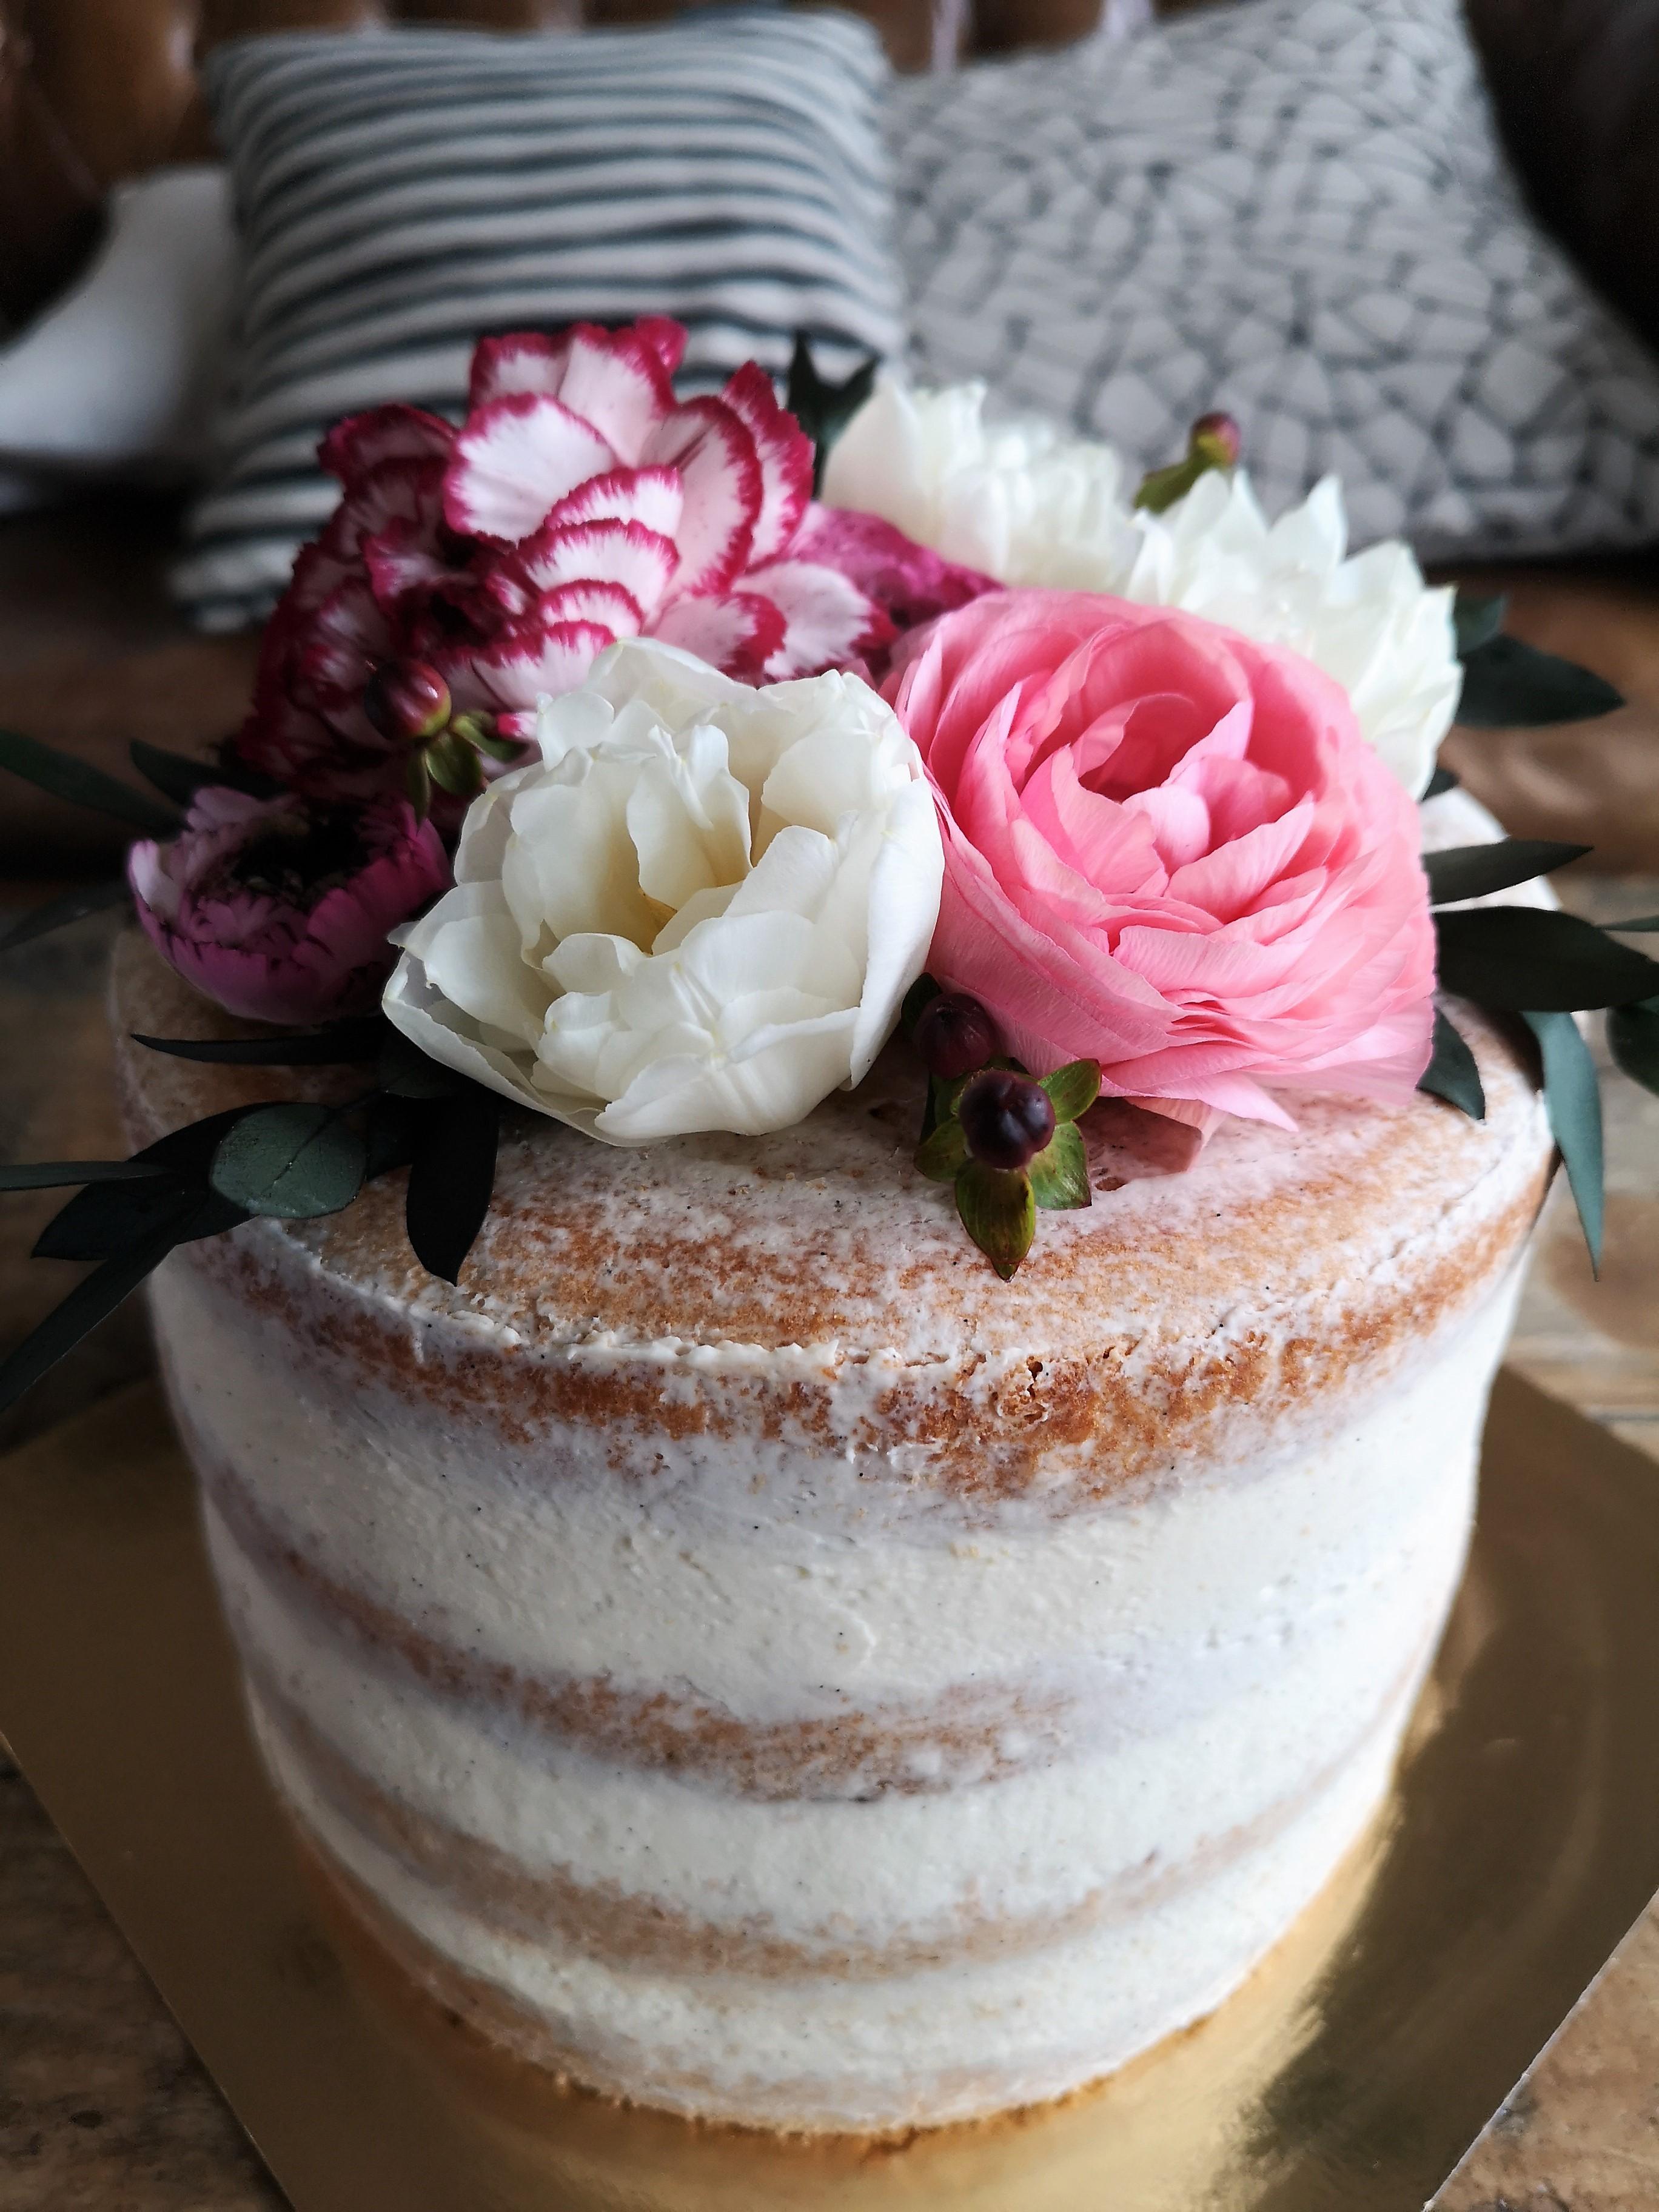 Naked-cake-chocolat-vanille-framboises